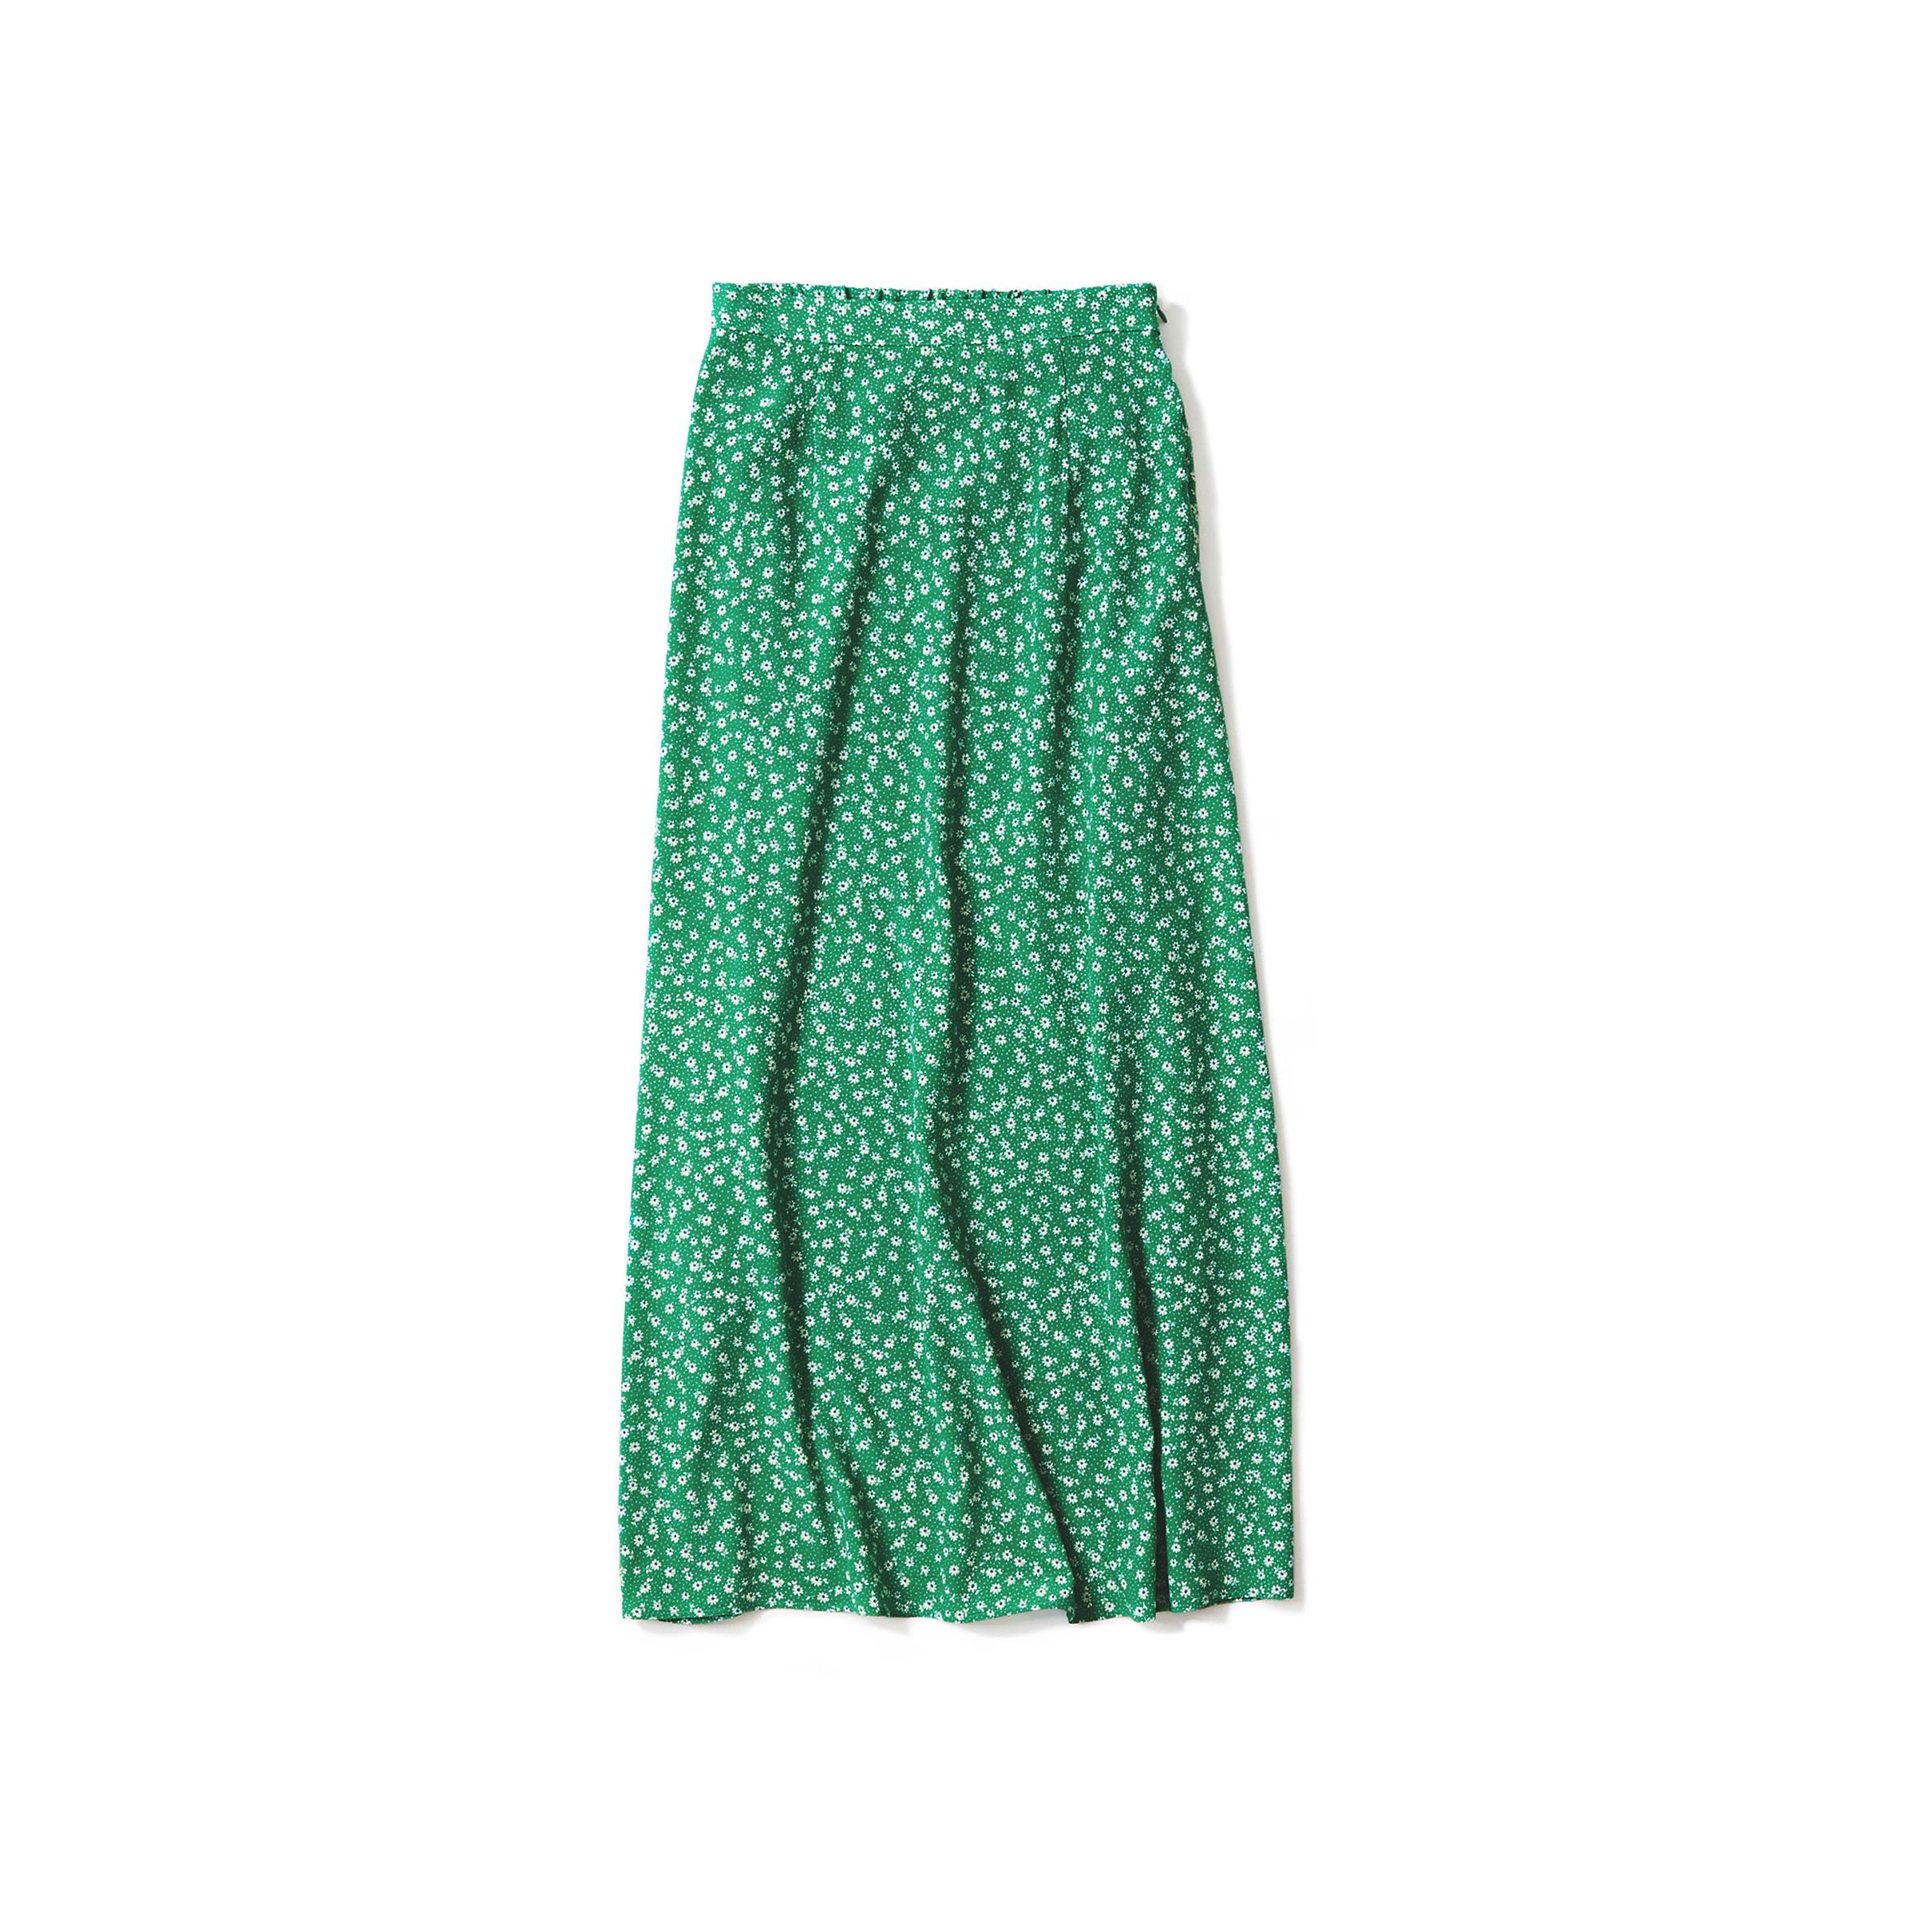 retro-inspired flower print skirt